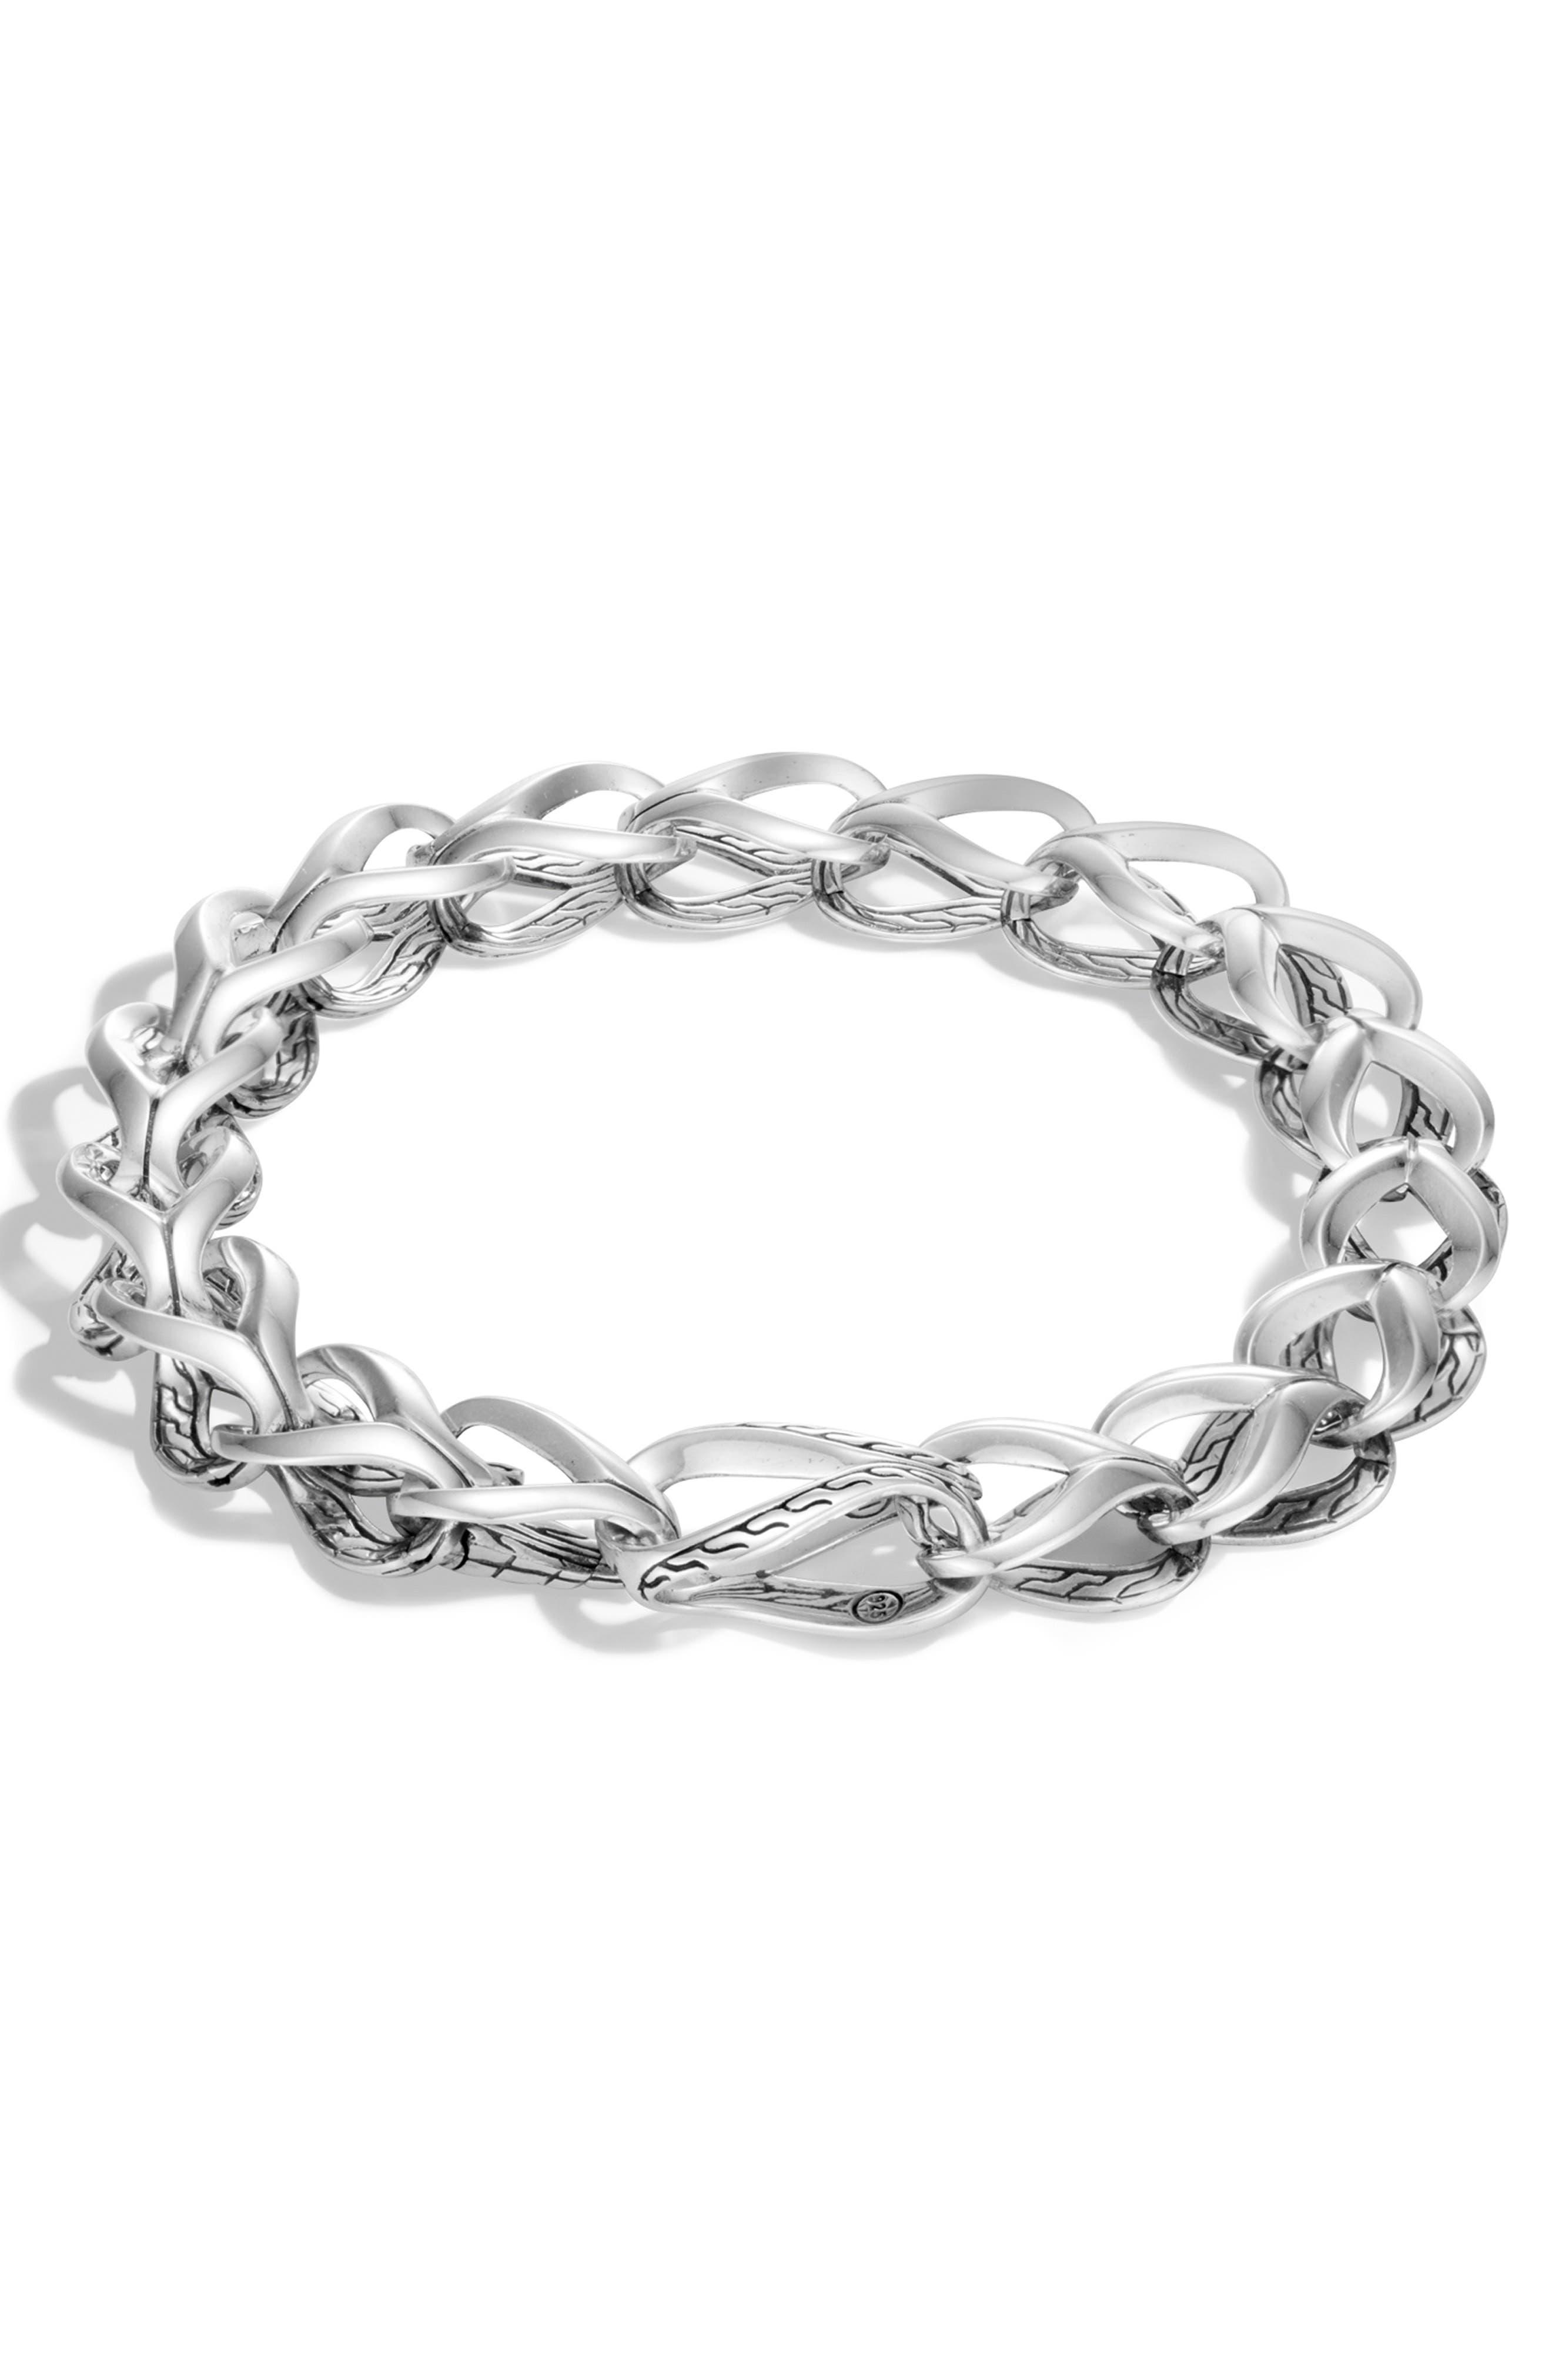 Classic Chain Link Bracelet,                             Main thumbnail 1, color,                             SILVER